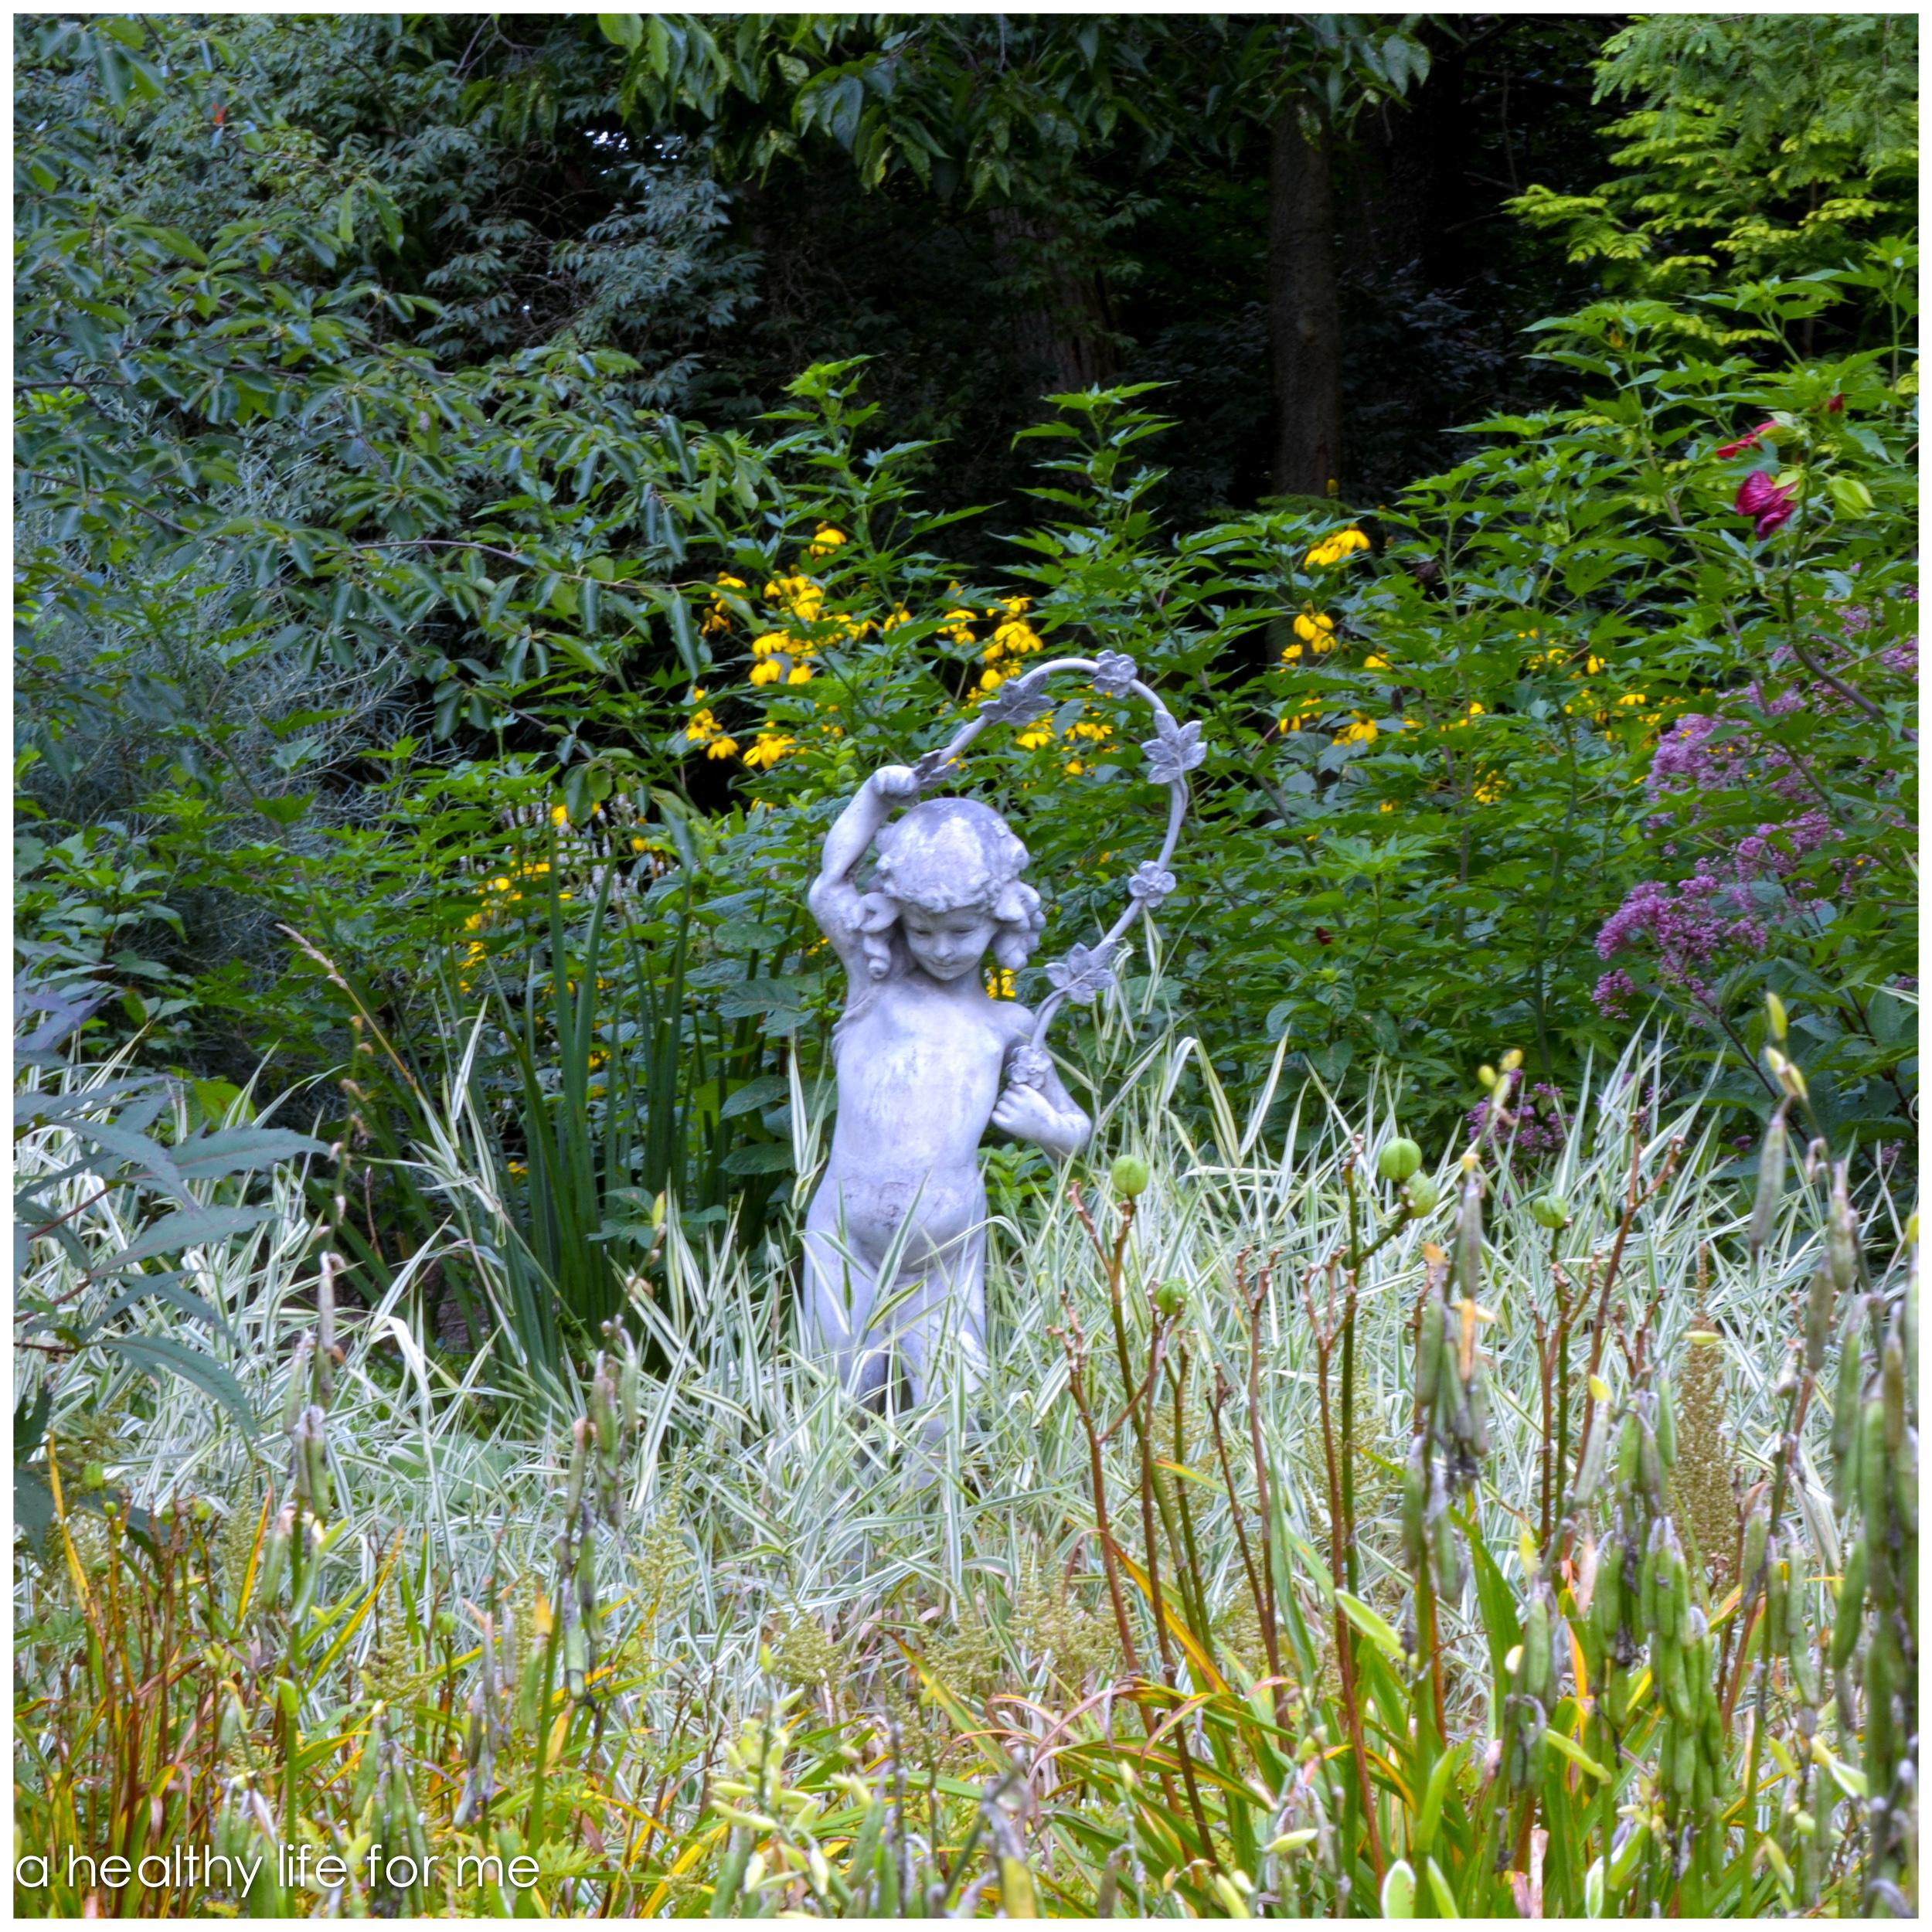 Beth Karp's Garden http://ahealthylifeforme.com/2013/09/05/private-garden-tour/